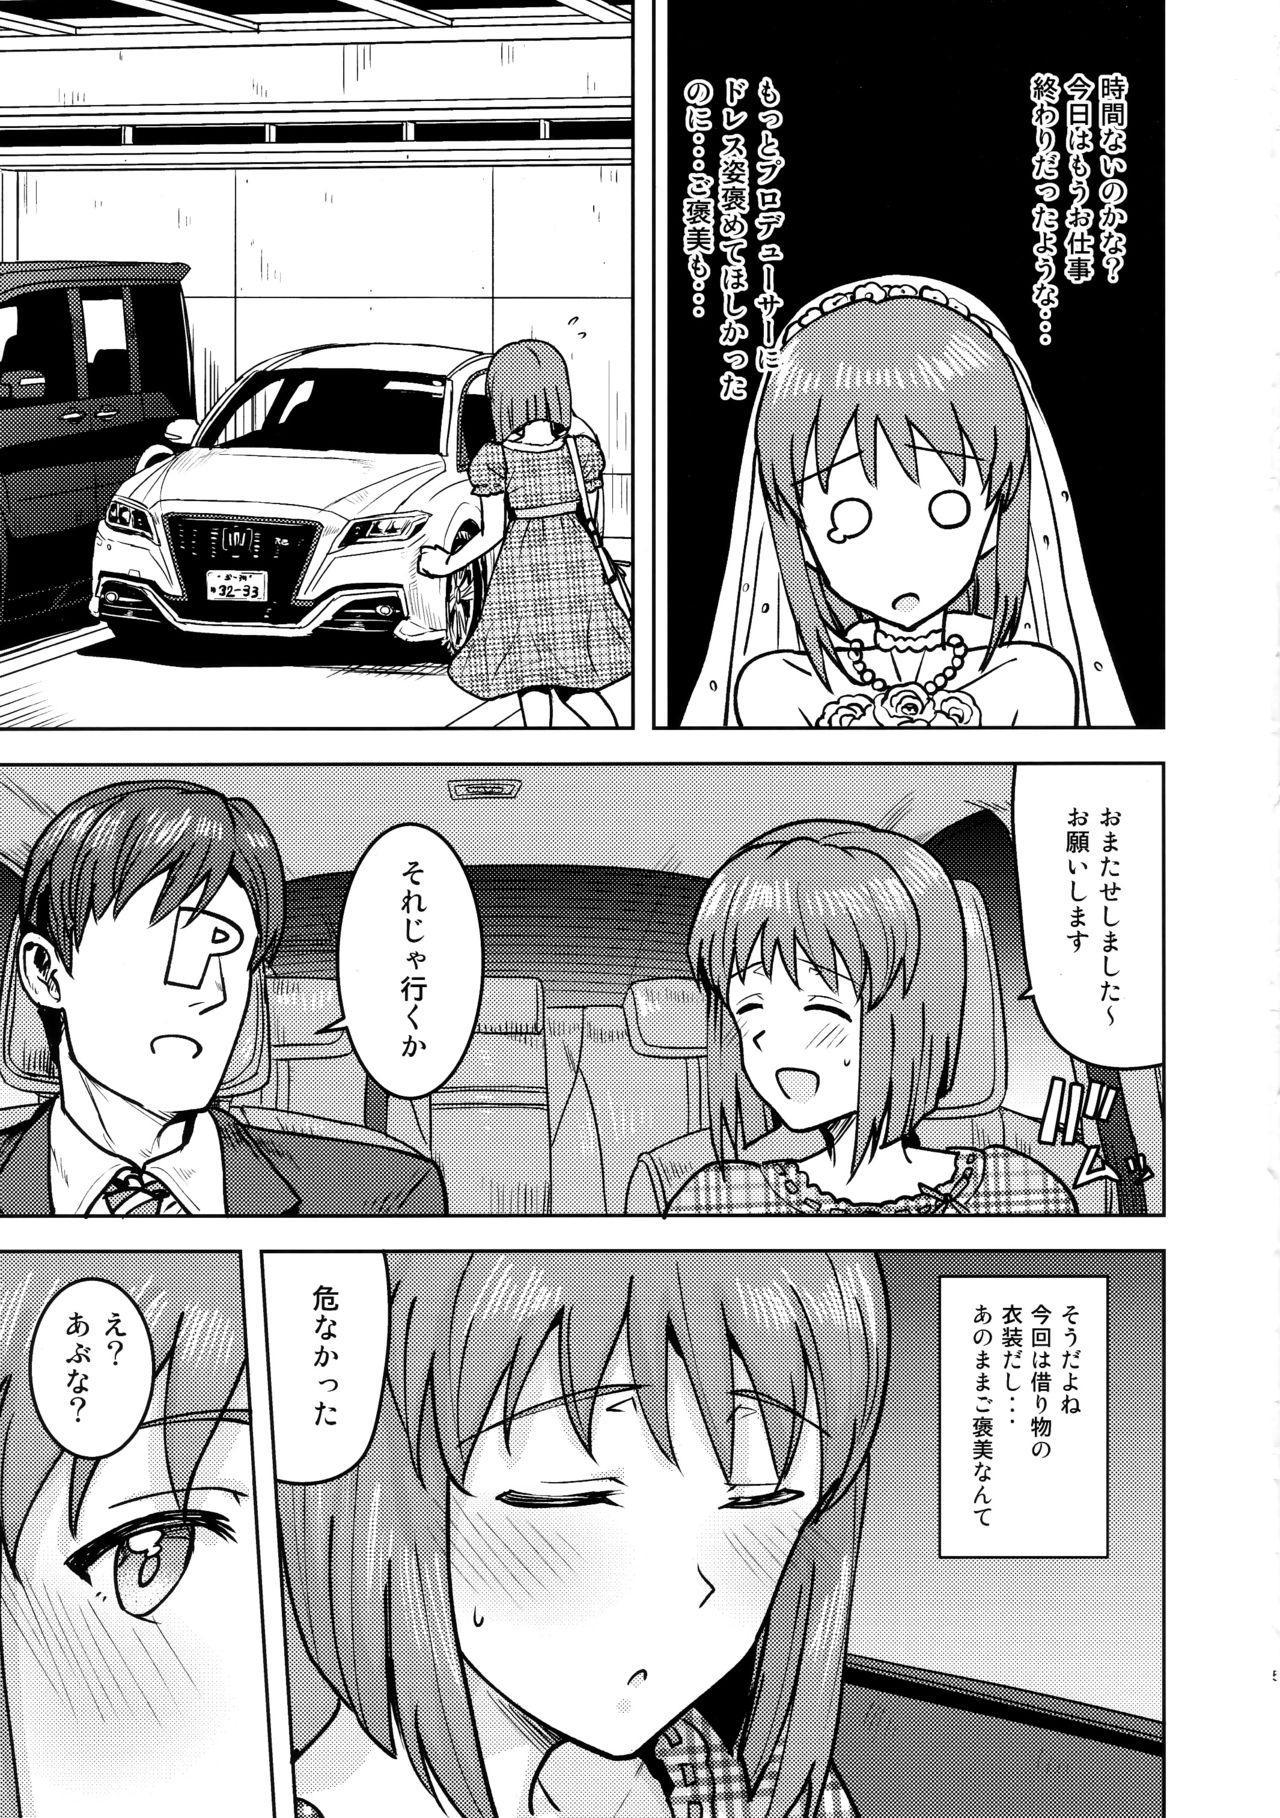 Yukiho to yoru no kekkonshiki 3